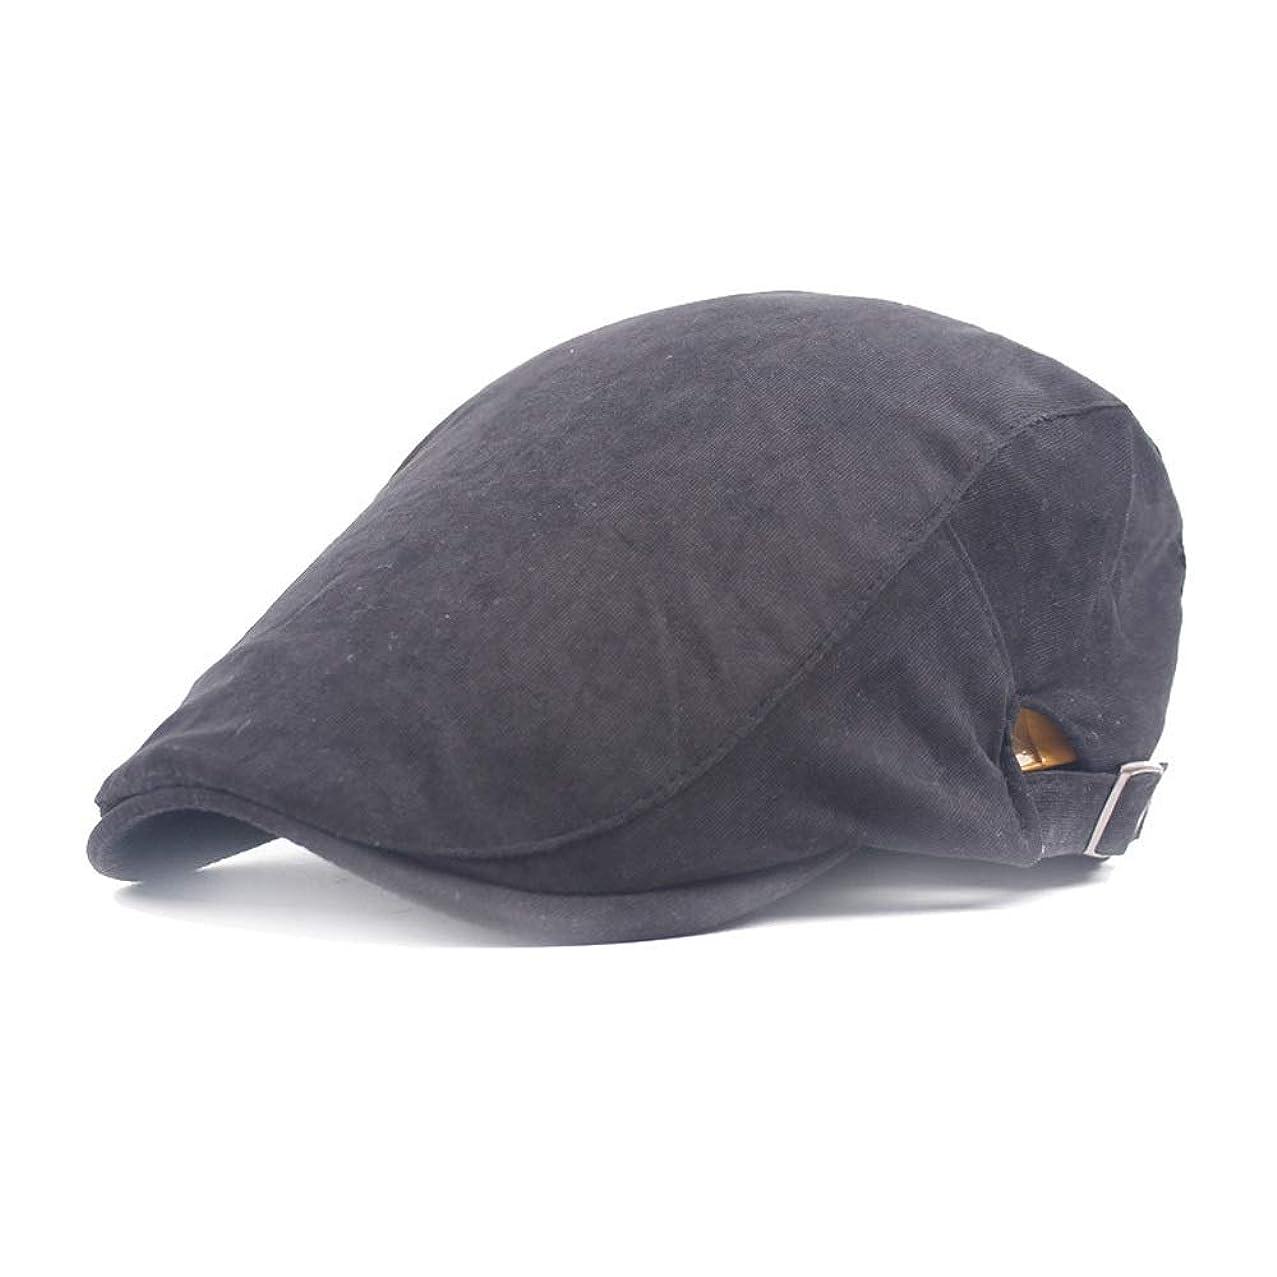 ネクタイ地上で巡礼者レディースハット 2019ベレー帽コットンレディース無地フォワードキャップメンズカレッジ風シンプルフォワードキャップペインターハット (色 : ブラック, サイズ : 56-58CM)